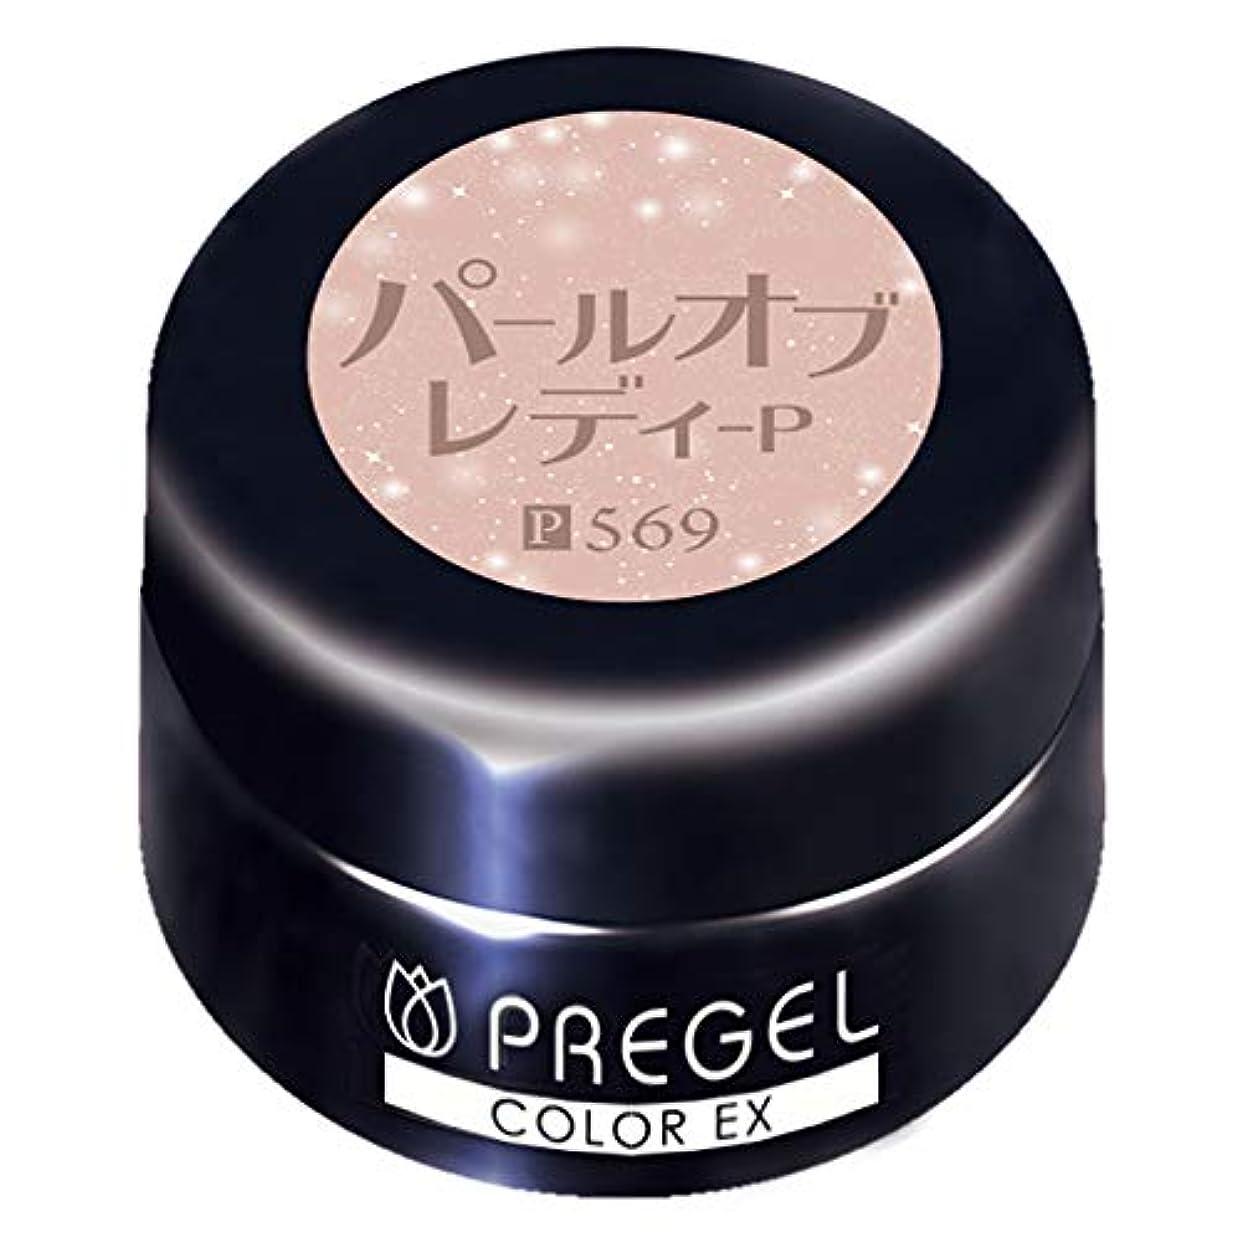 バラ色ちらつきリスPRE GEL(プリジェル) PRE GEL カラージェル カラーEX パールオブレディ-P 3g PG-CE569 UV/LED対応 ジェルネイル